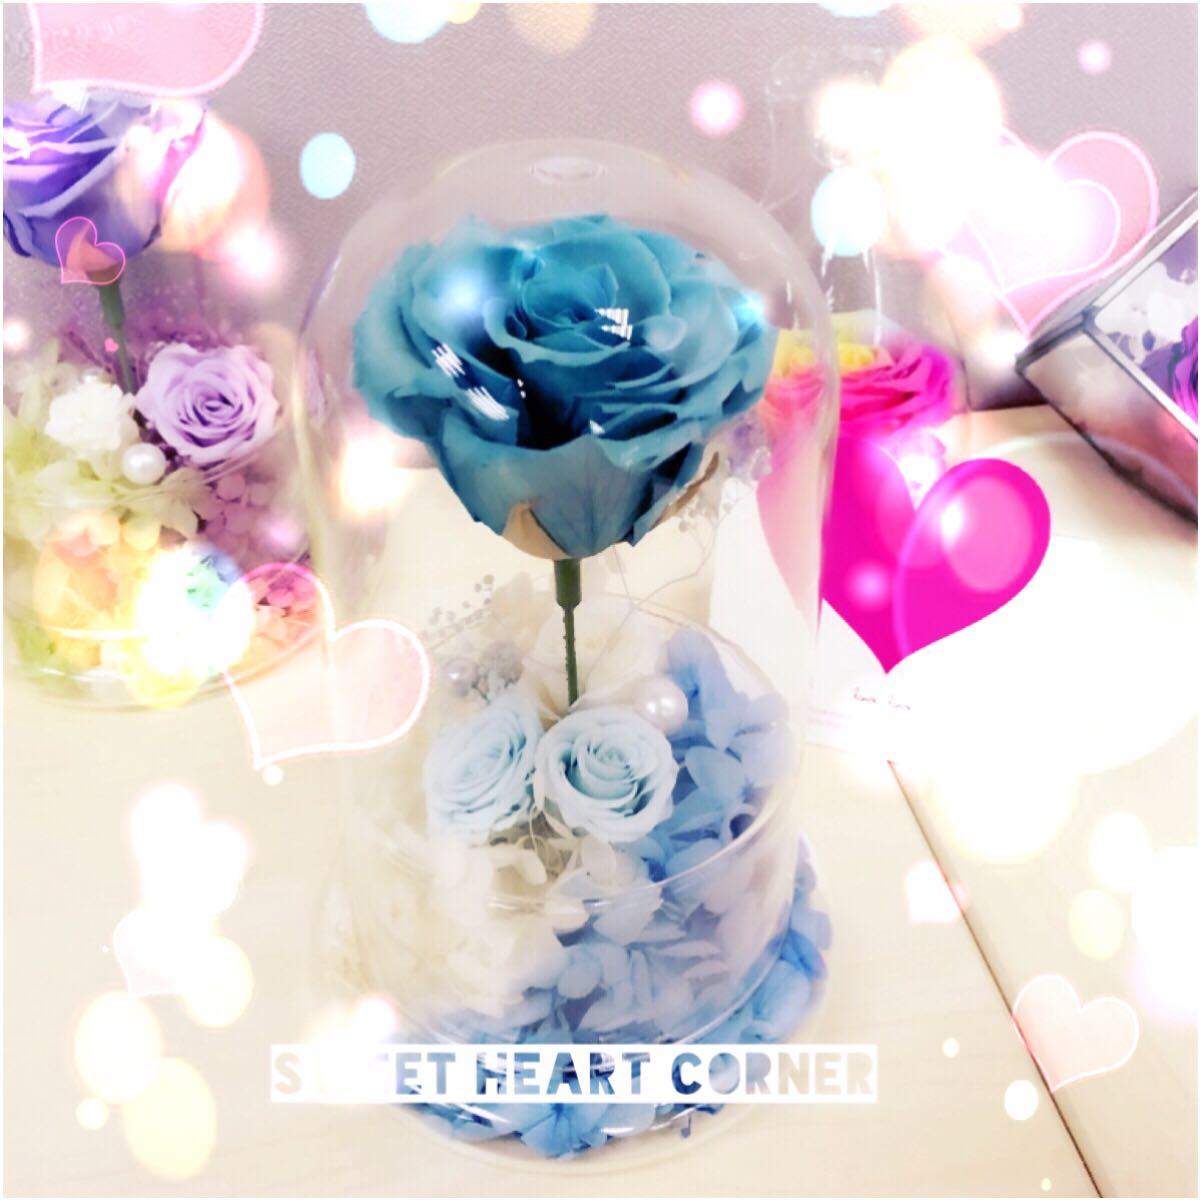 sweetheart_corner